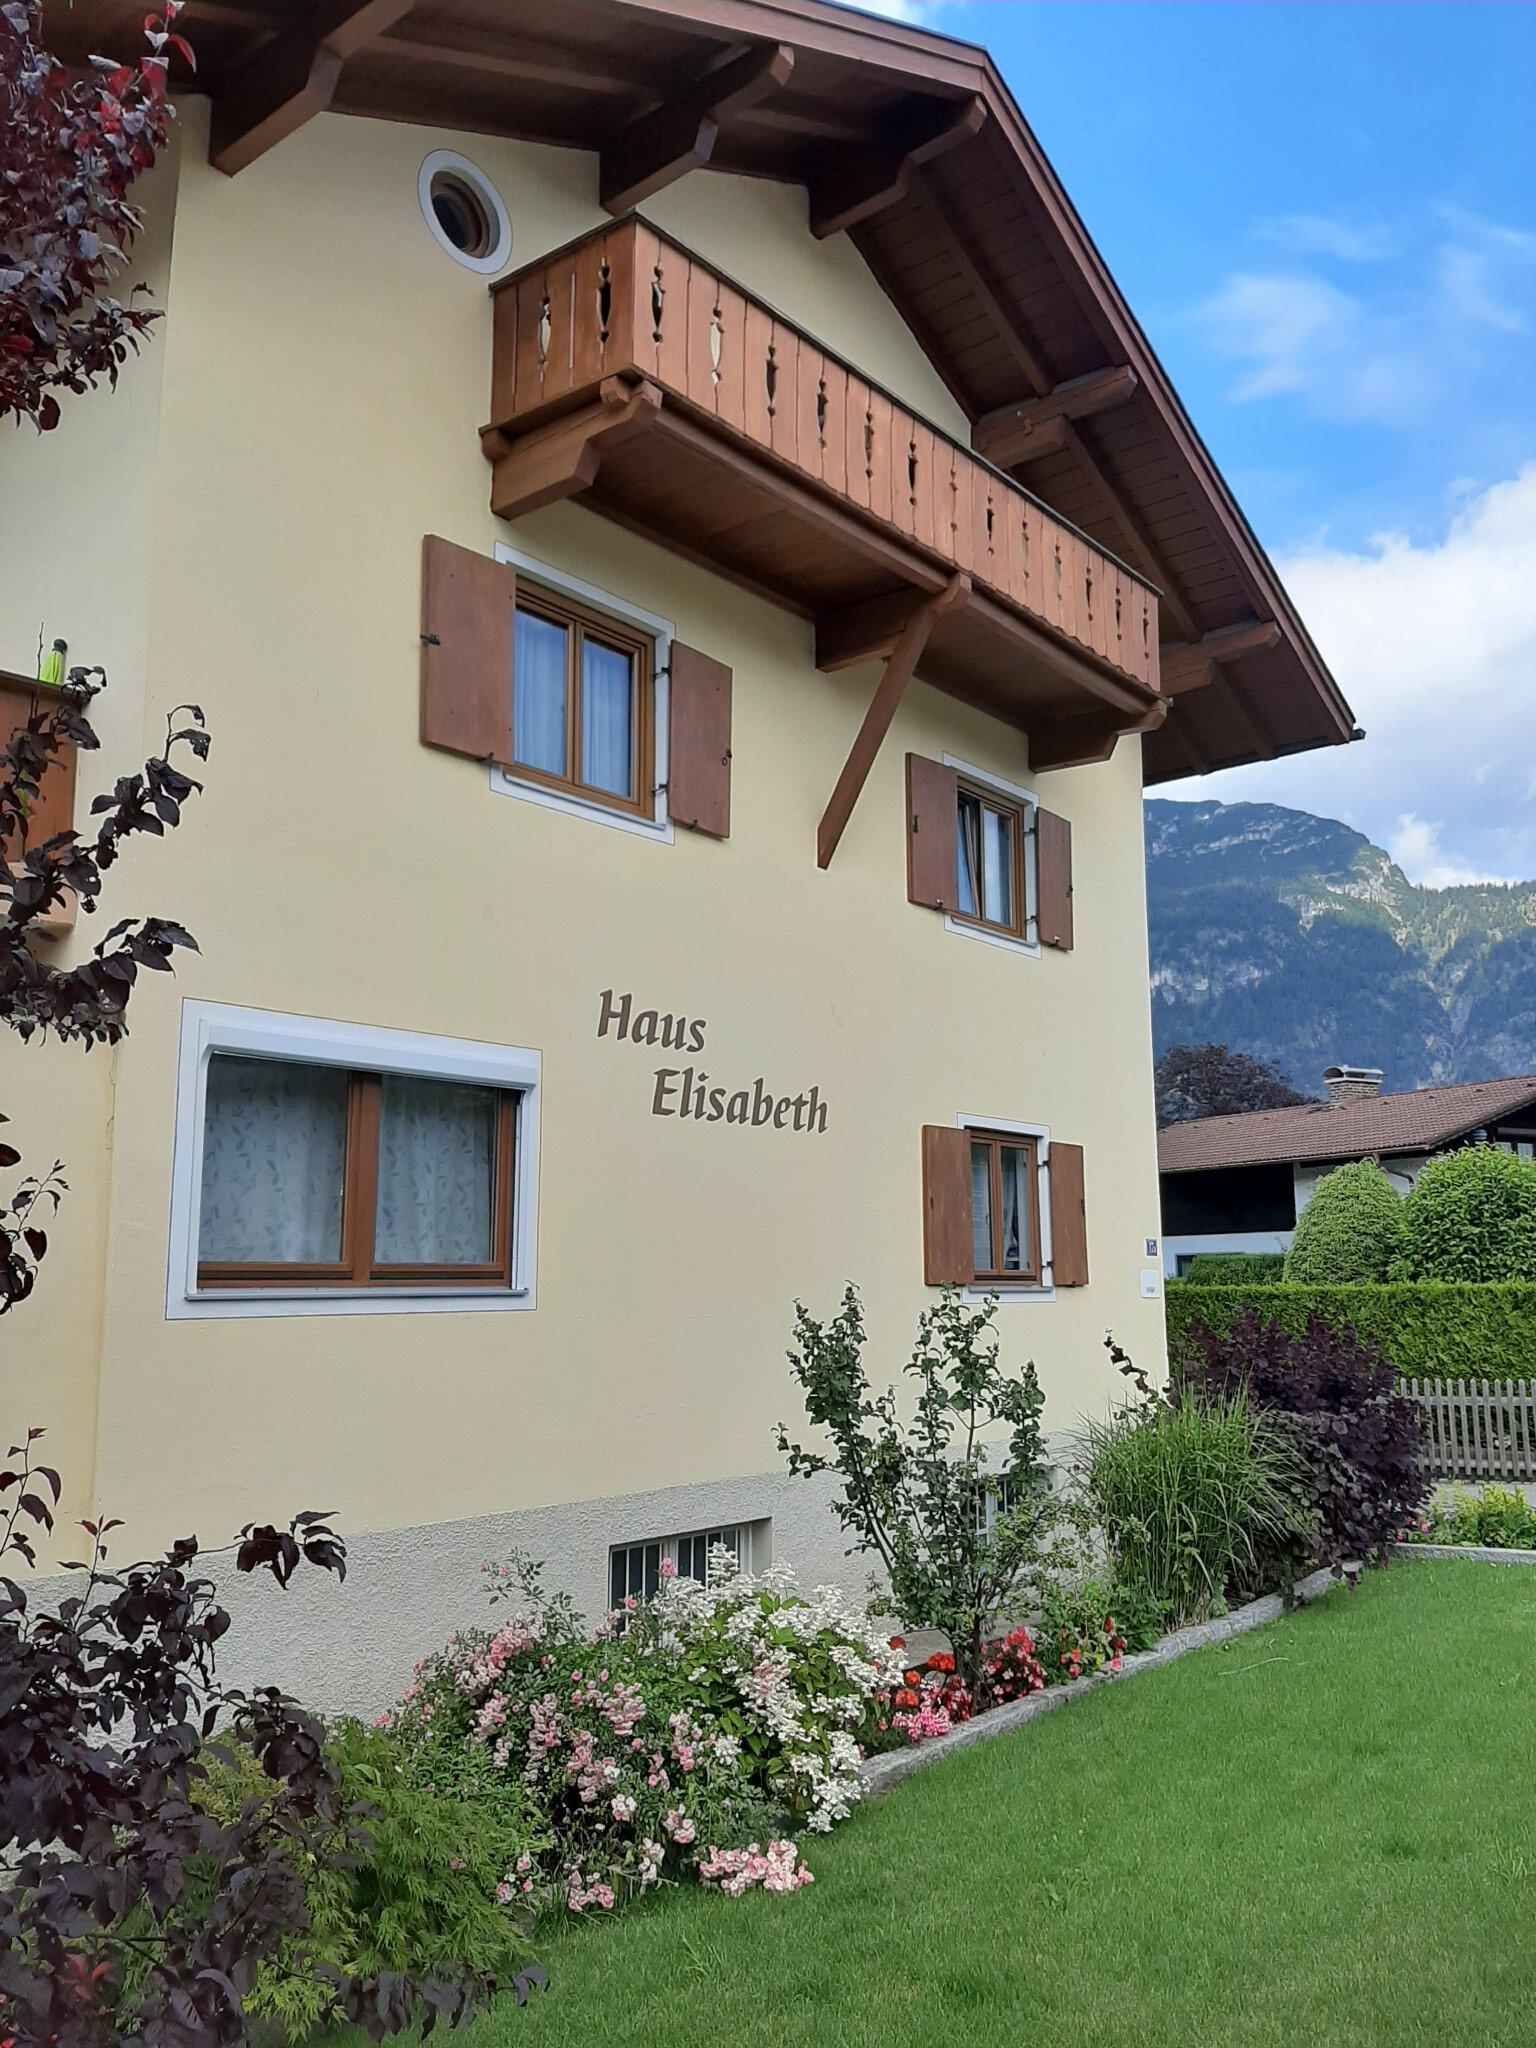 Haus Elisabeth in Garmisch Partenkirchen Bayern Peter und